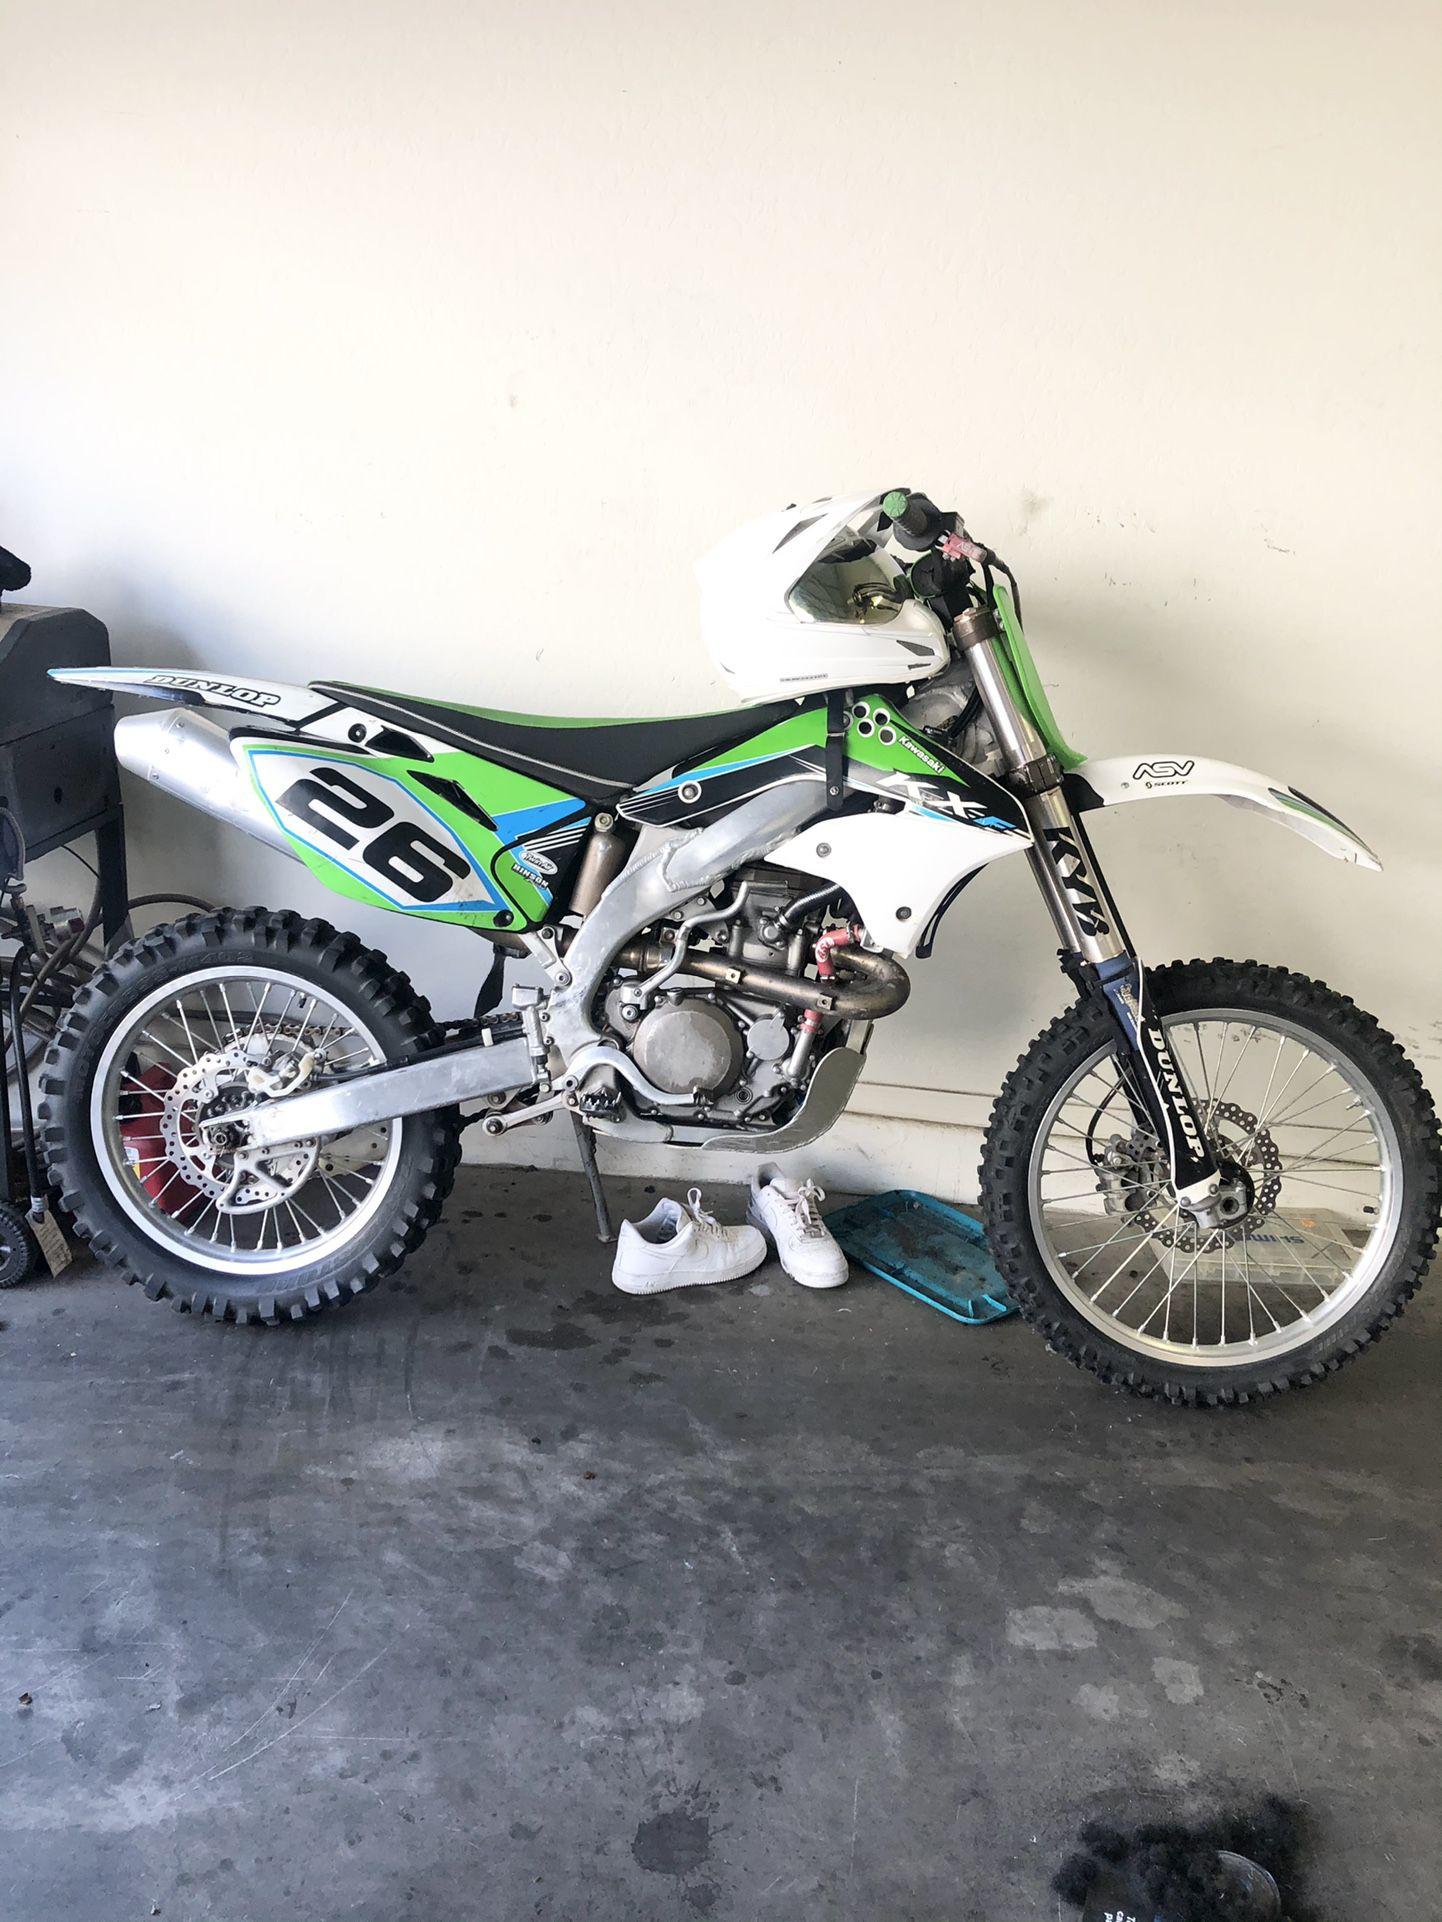 2007 Kawasaki kx450